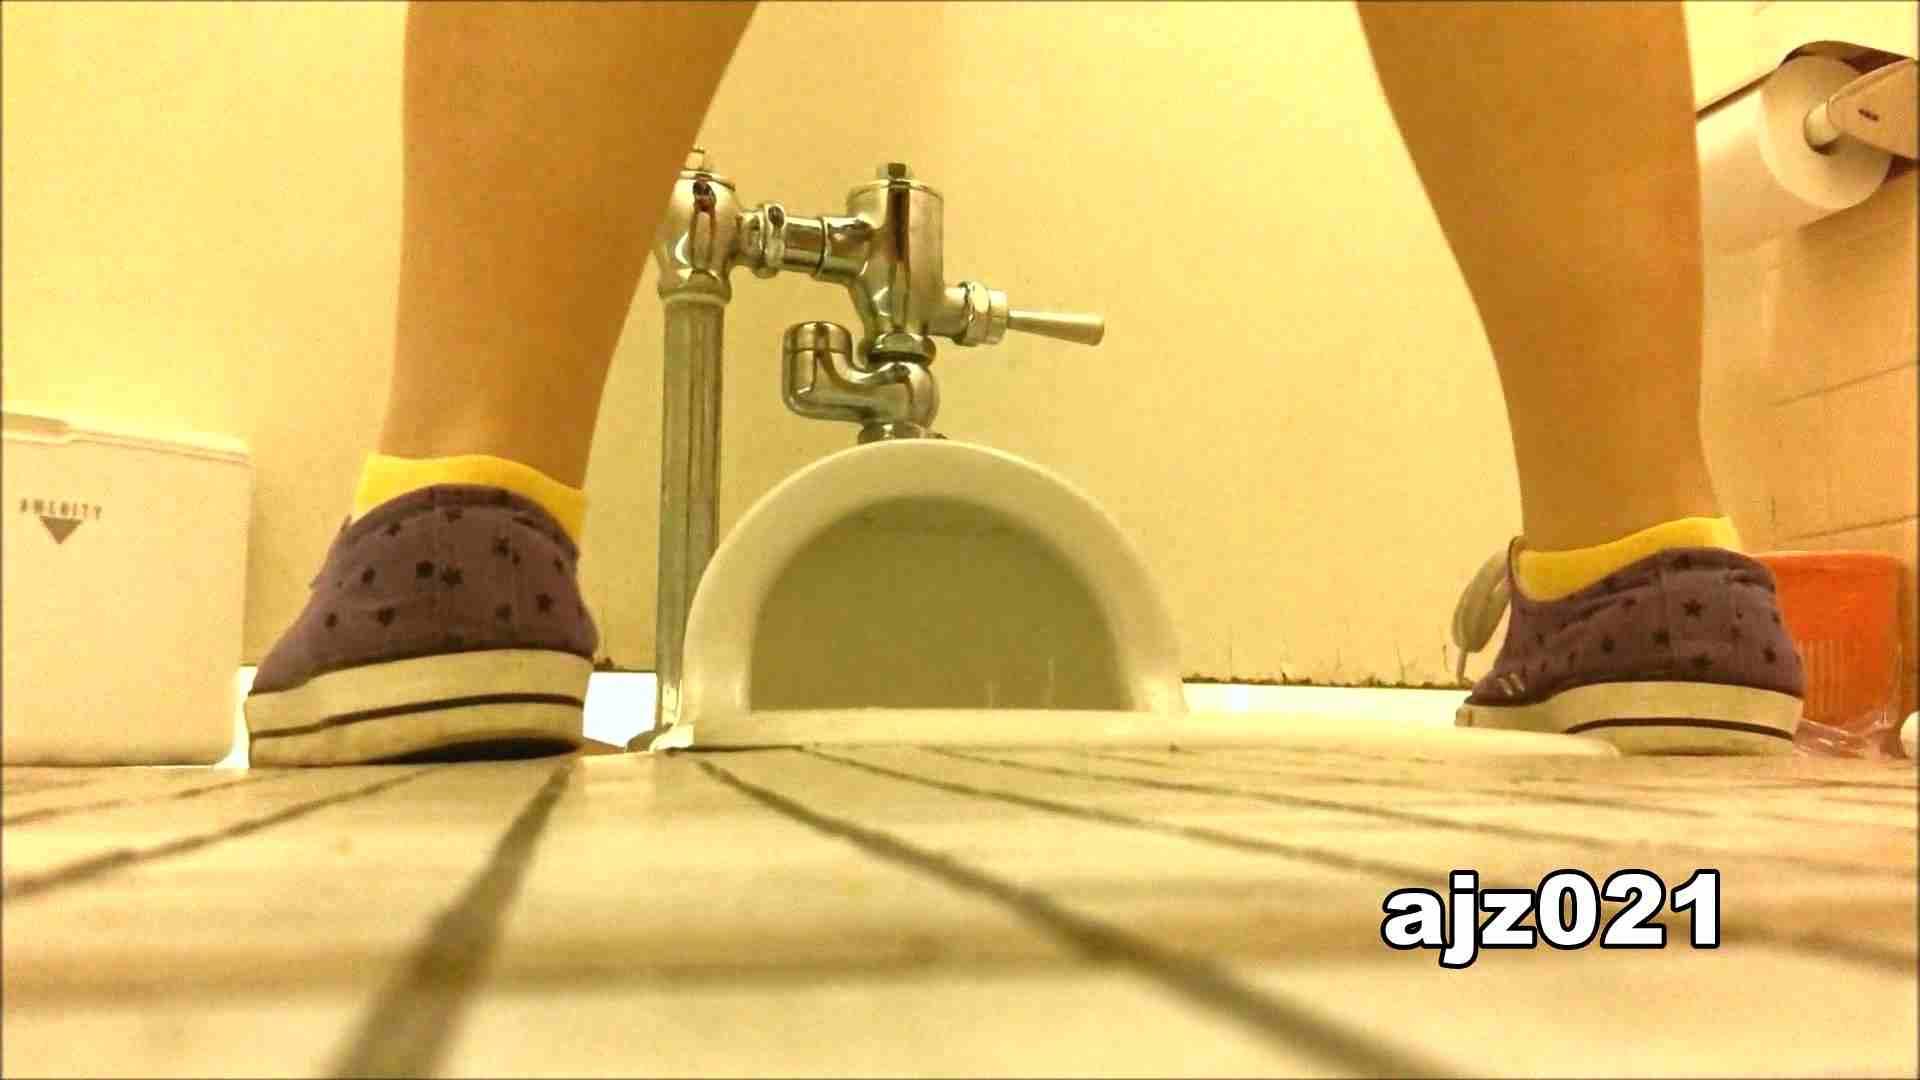 某有名大学女性洗面所 vol.21 OLセックス  75画像 48